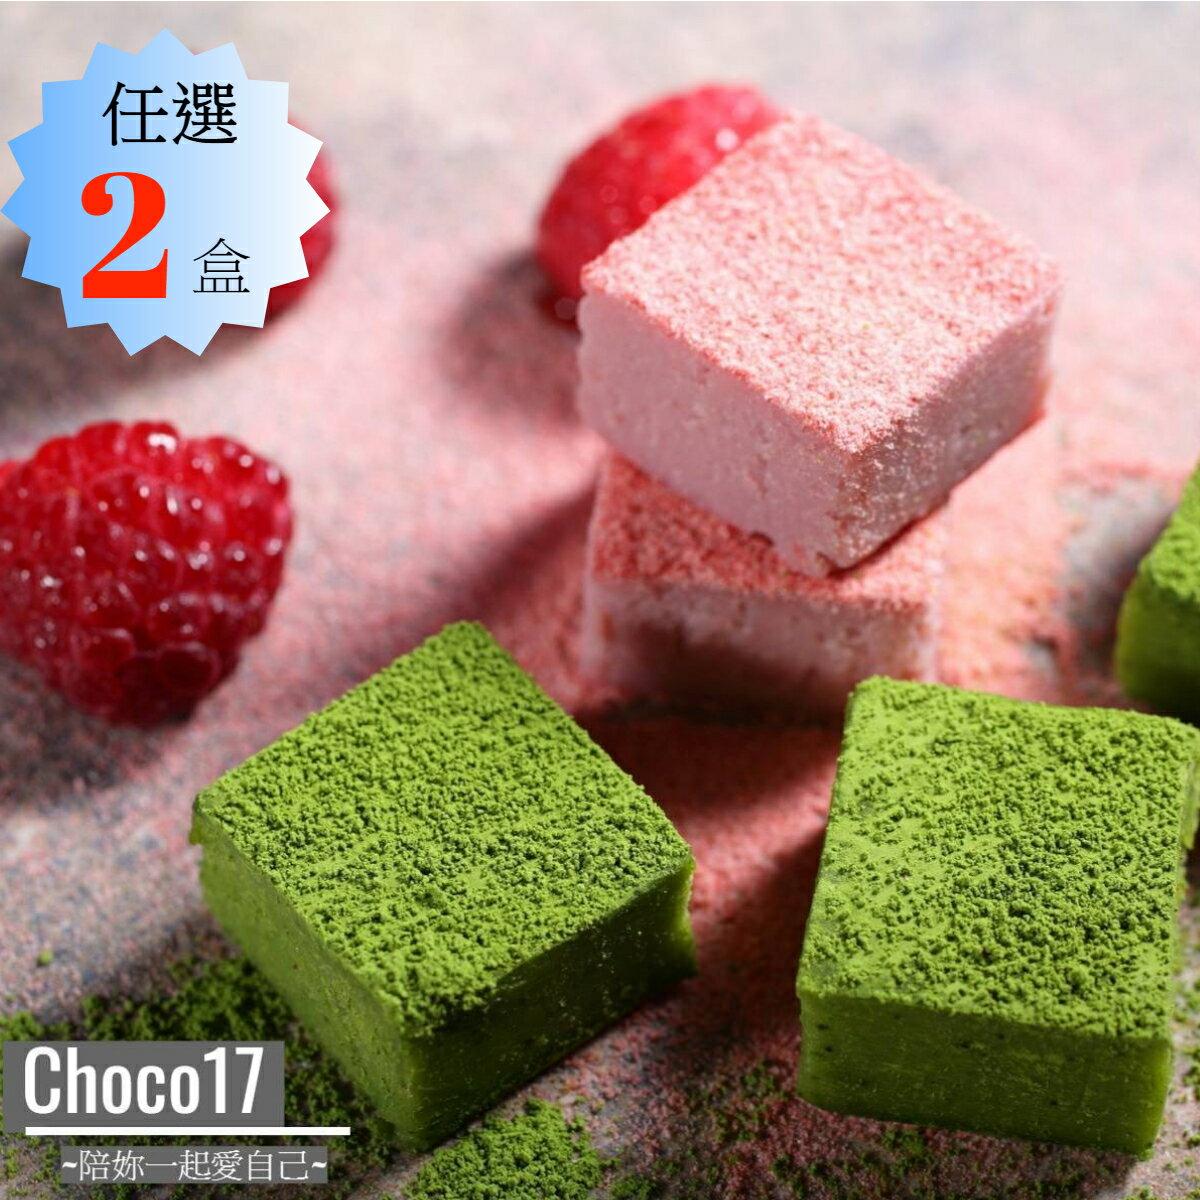 甜蜜生巧克力❤女孩最愛❤口味任選2盒第二件79折【Choco17 香謝17巧克力】巧克力專賣 | 領卷滿1000現折100 0